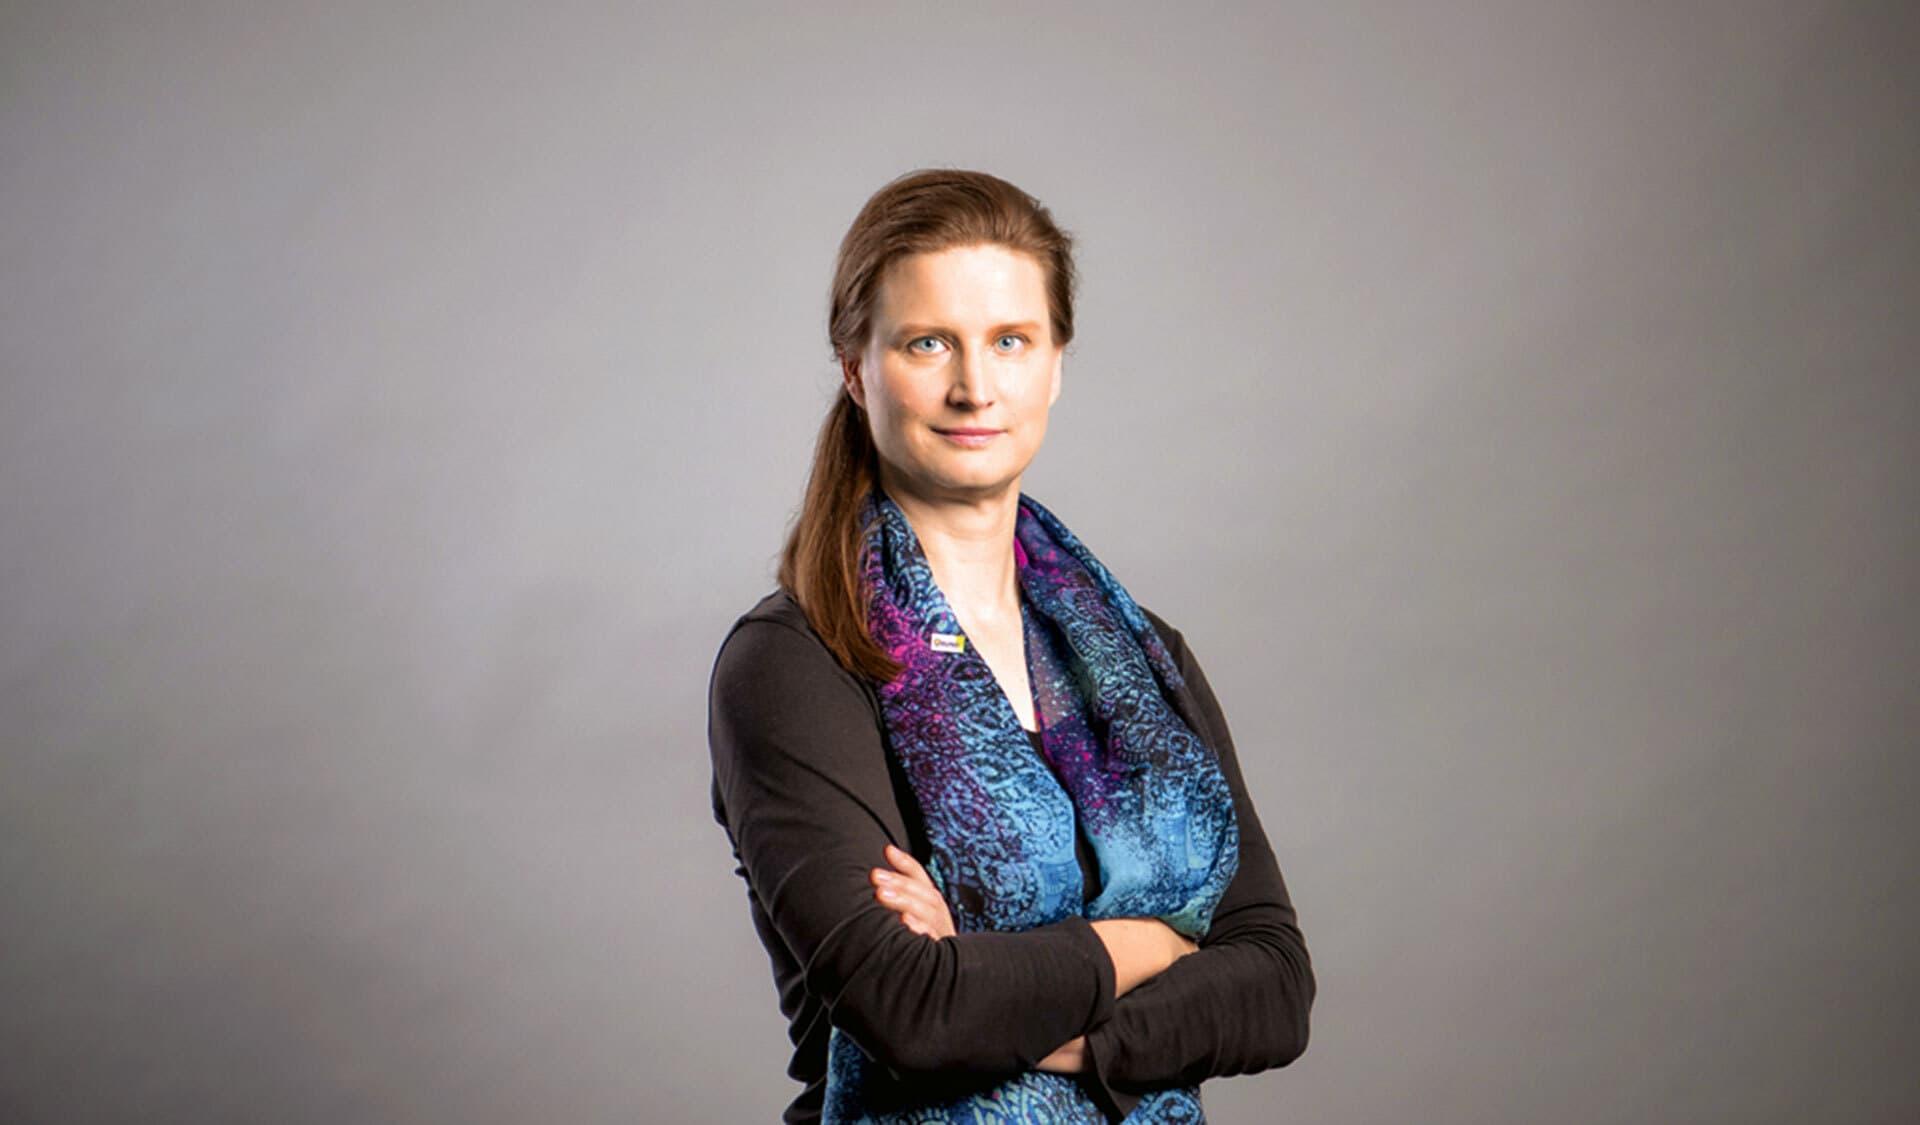 Frau mit langen Haaren und buntem Schal